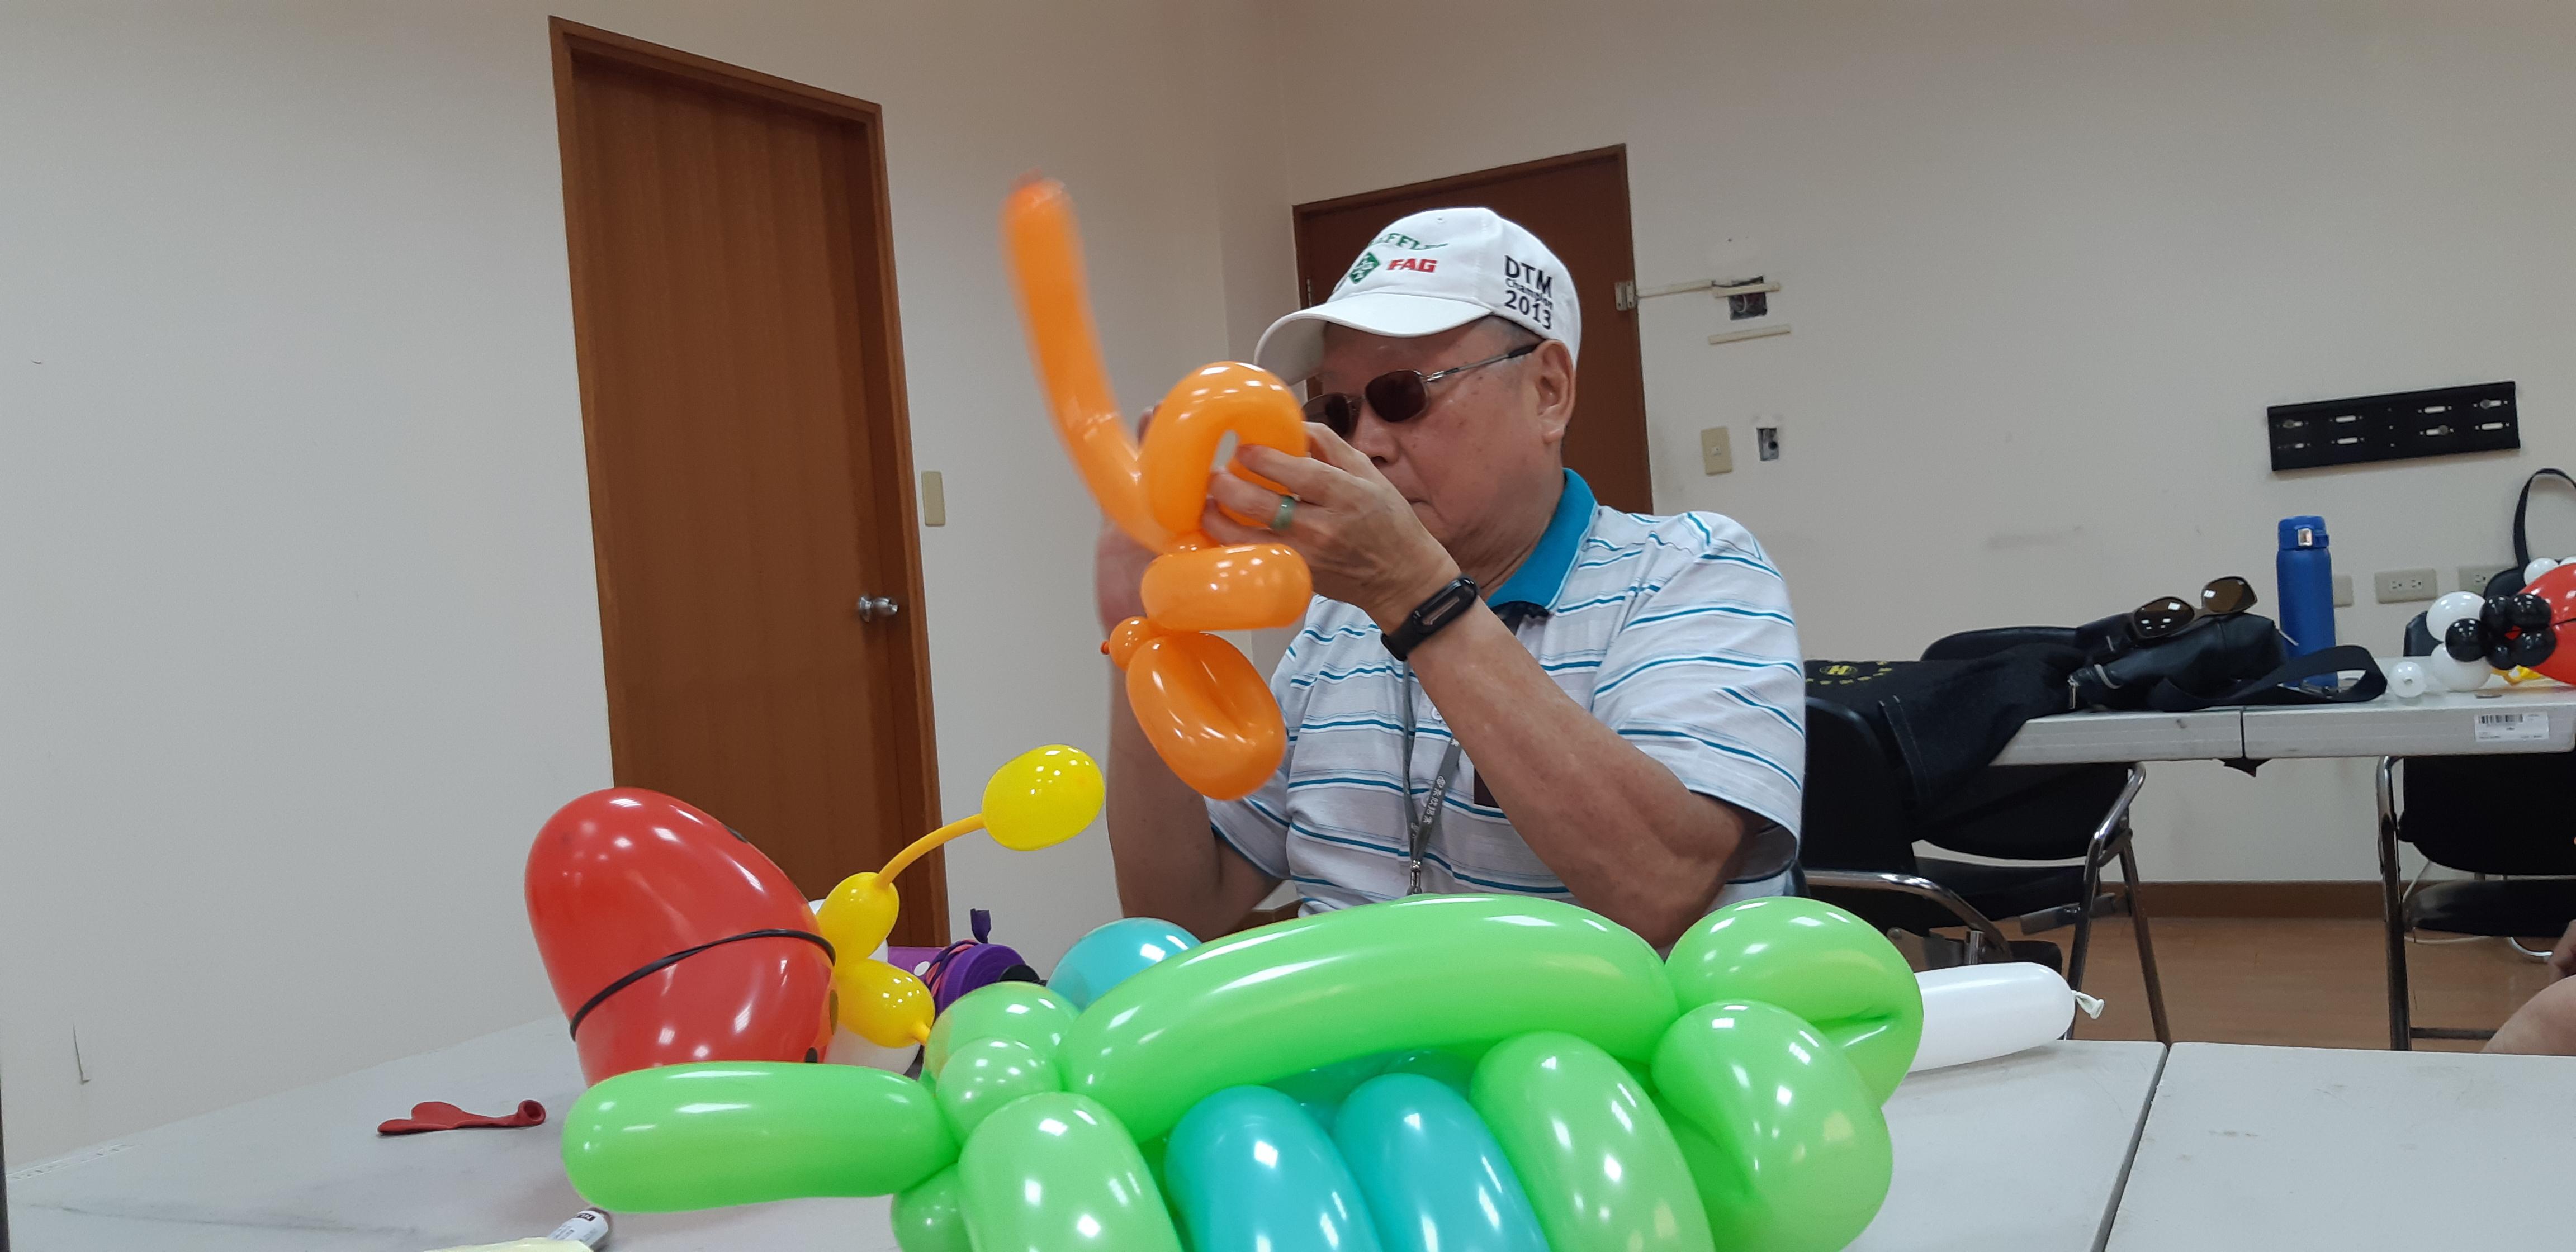 在造型氣球課程中專心聽老師口令,摺出不同形狀的氣球